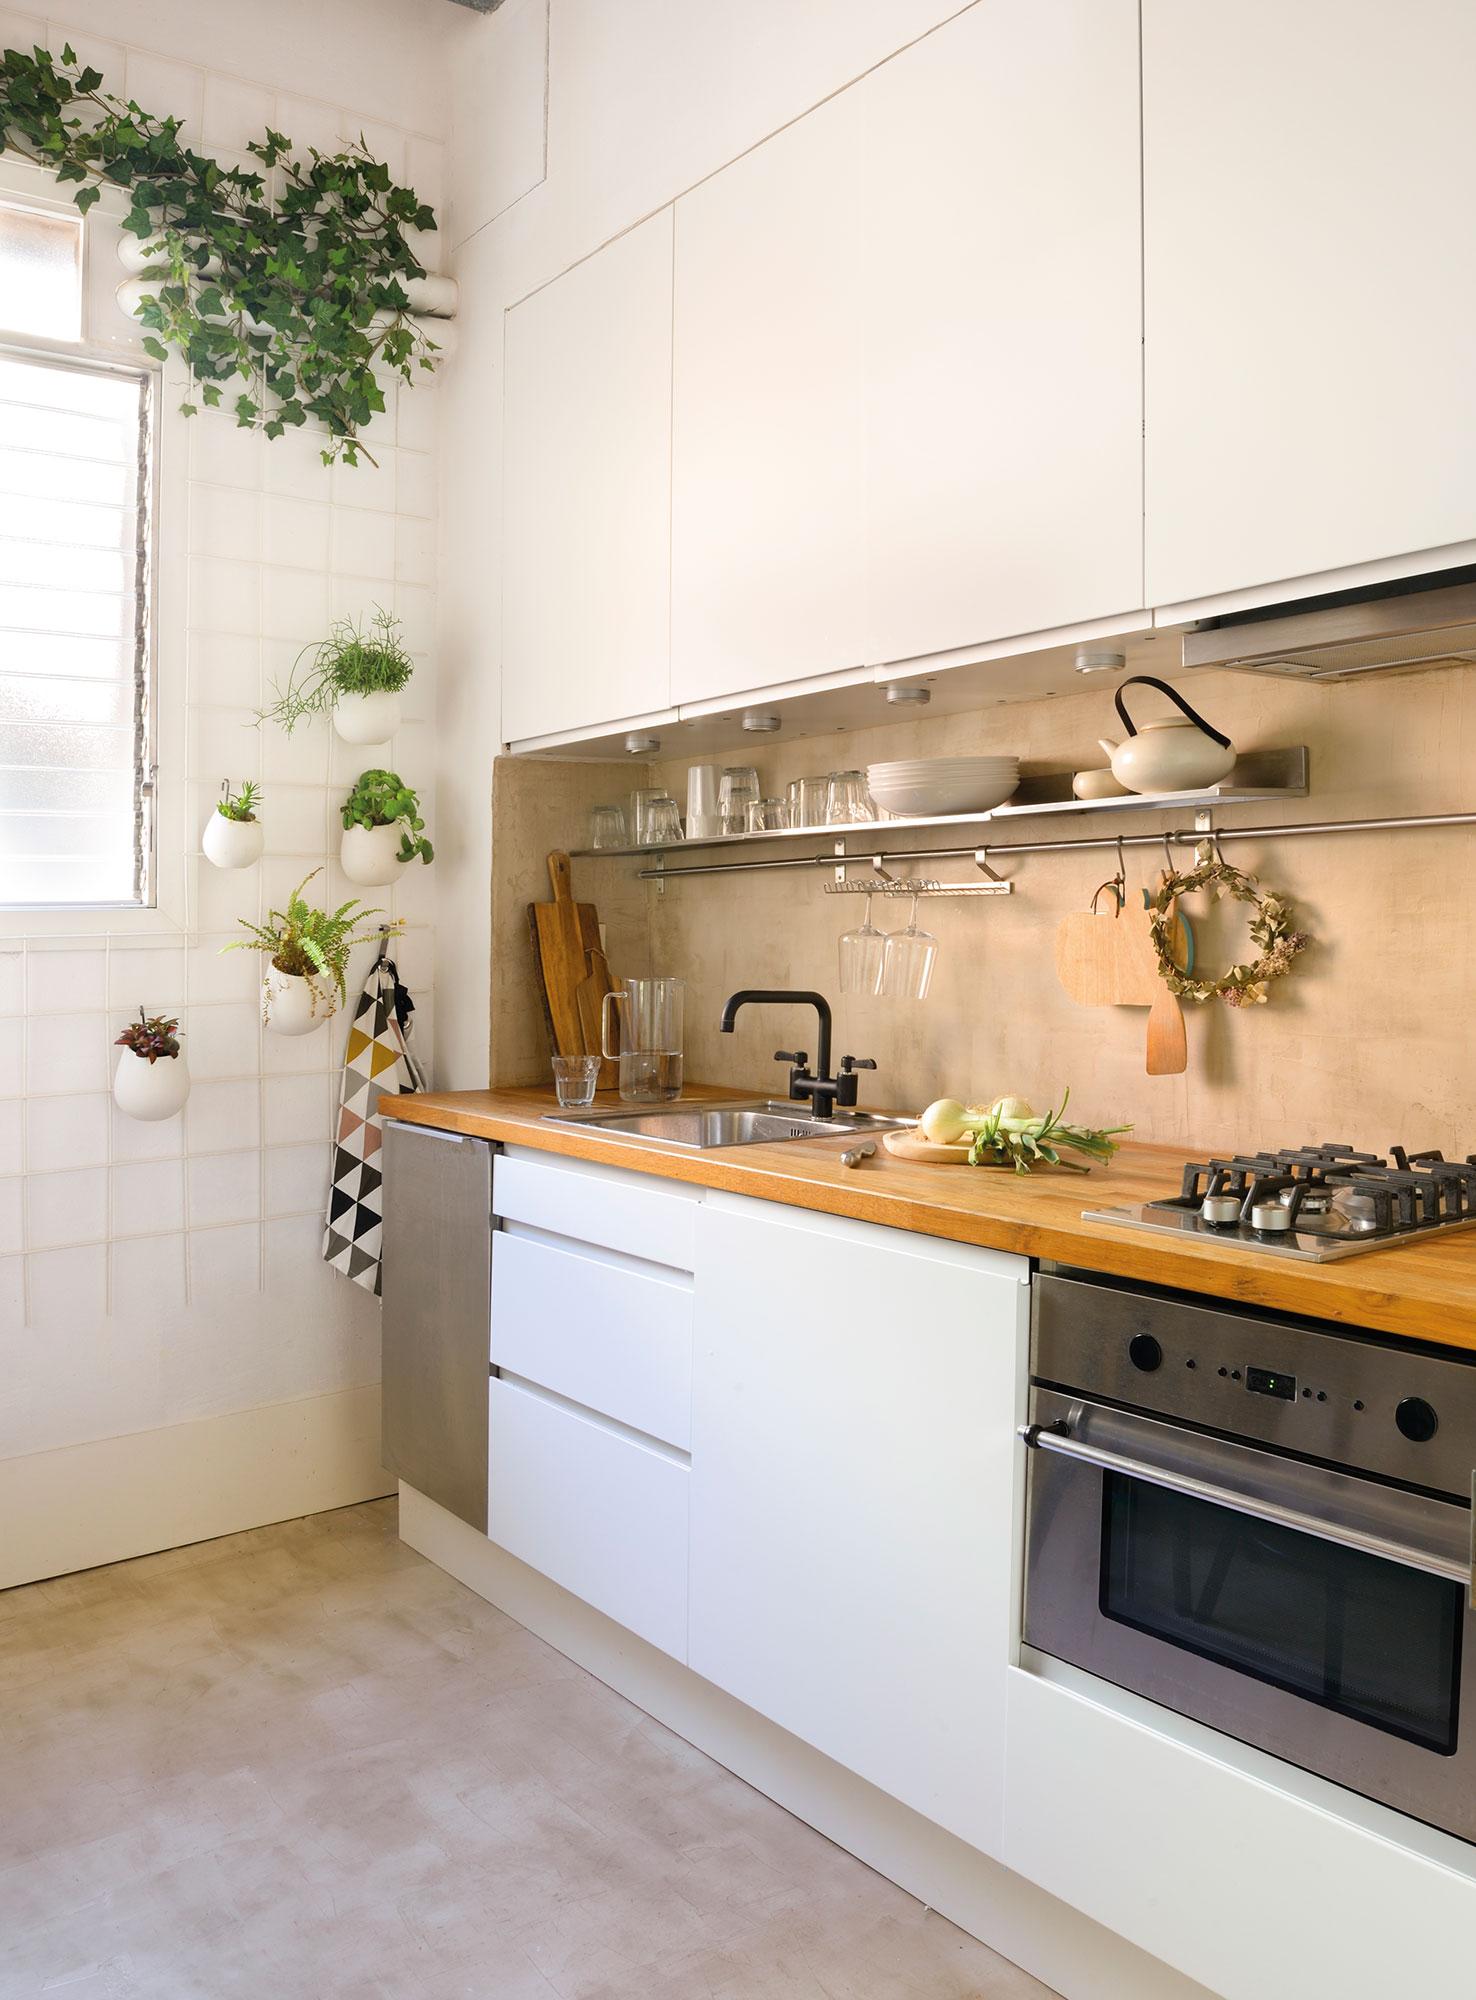 cocina con muebles en blanco encimera de madera y suelo de microcemento - Encimeras De Cocina Aglomerado